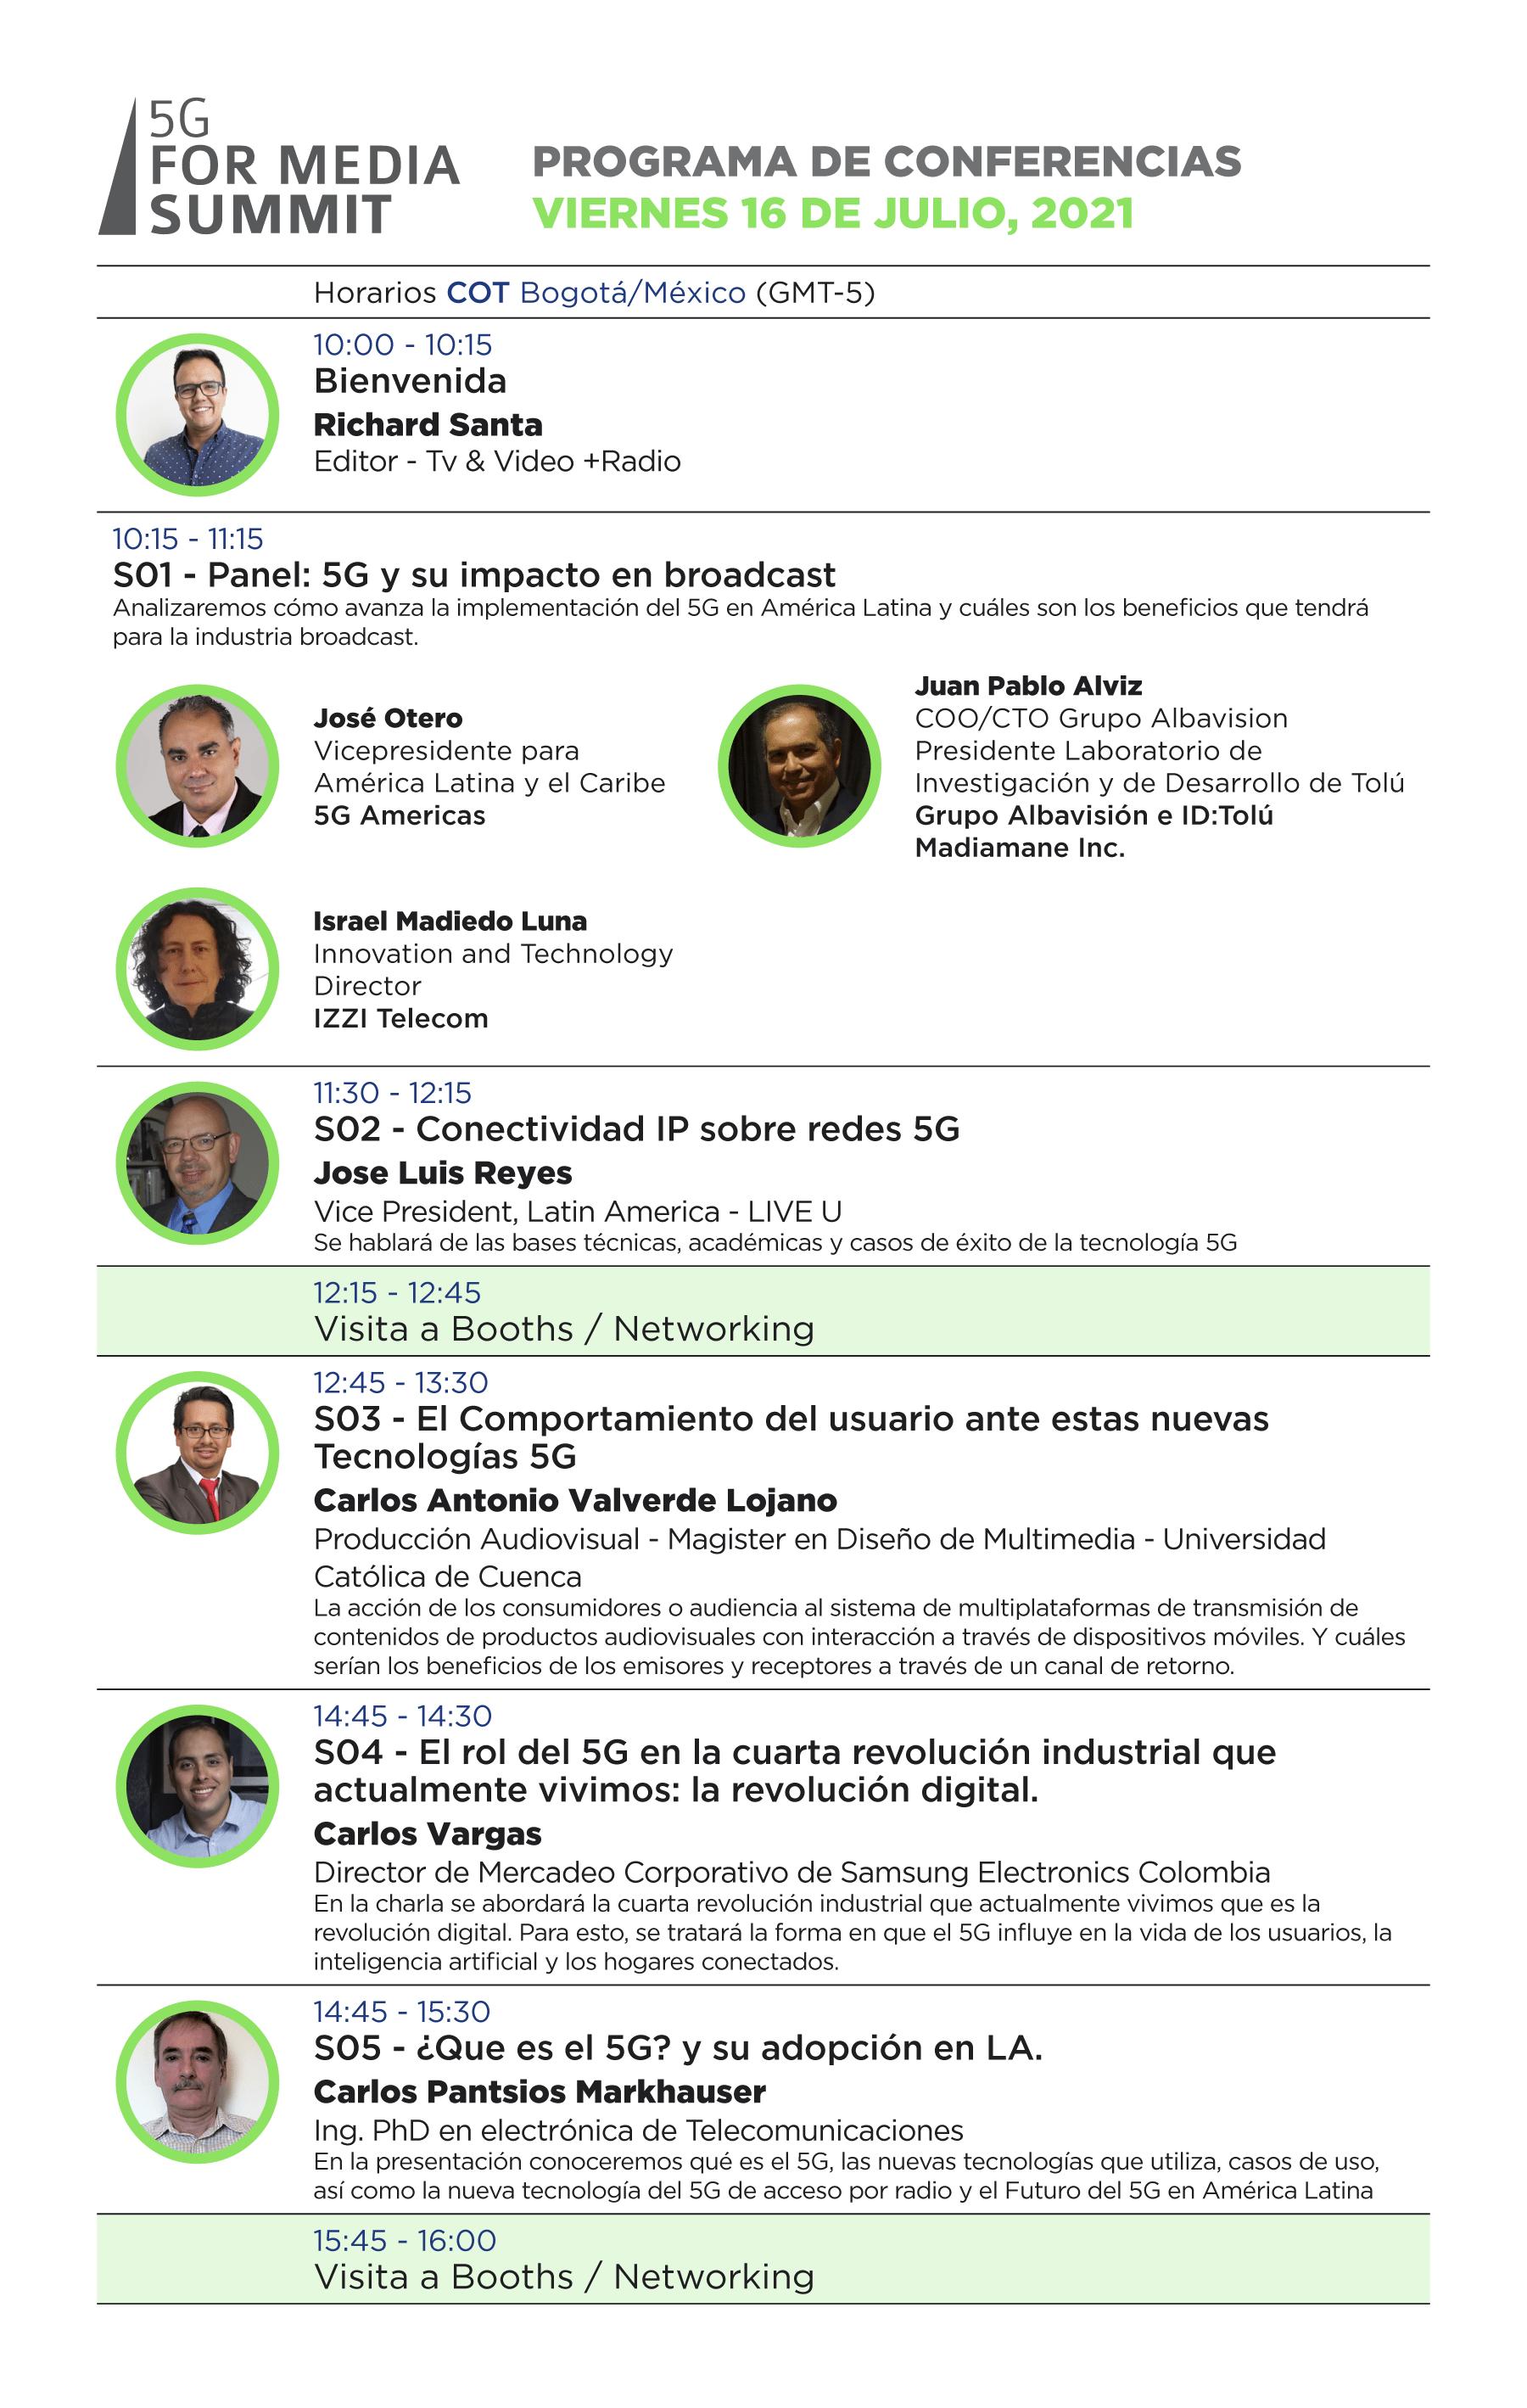 Conferencias y muestra comercial con tecnologías y novedades para la radiodifusión